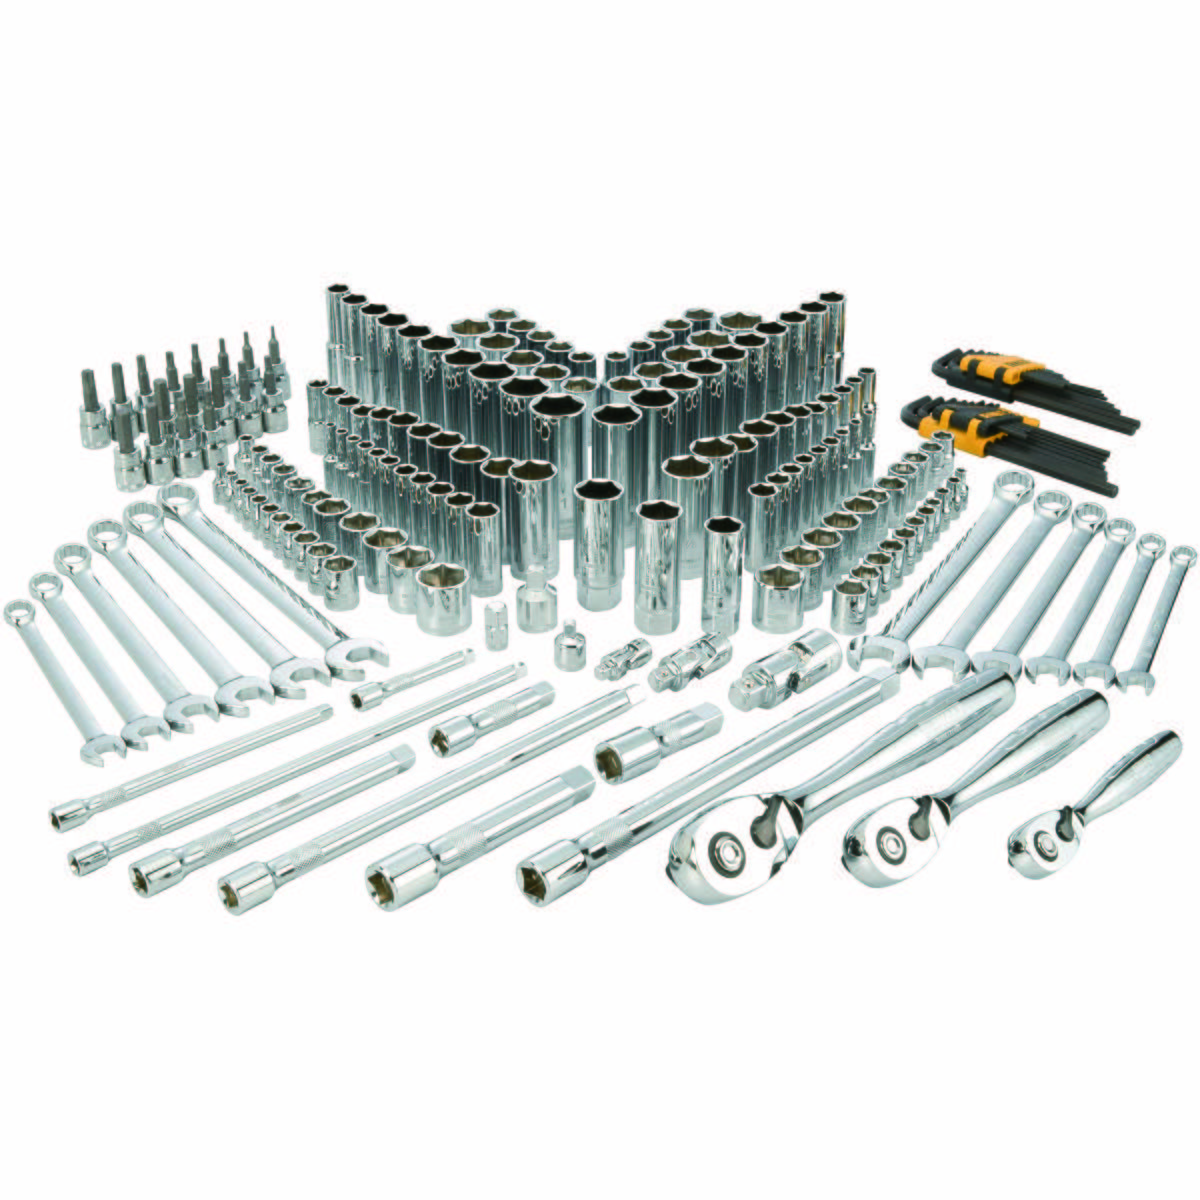 204 pc Mechanics Tool Set